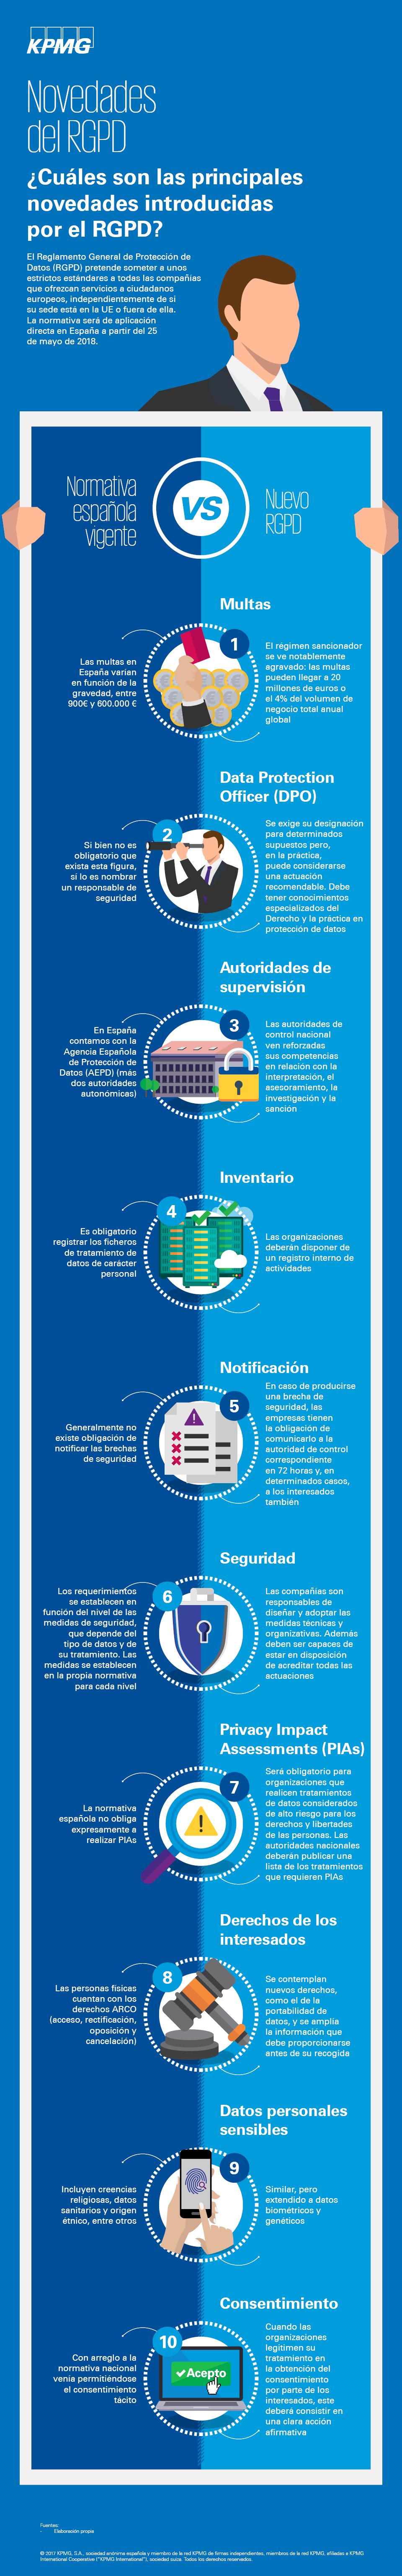 Infografia_Proteccion_de_Datos_v02_09022017